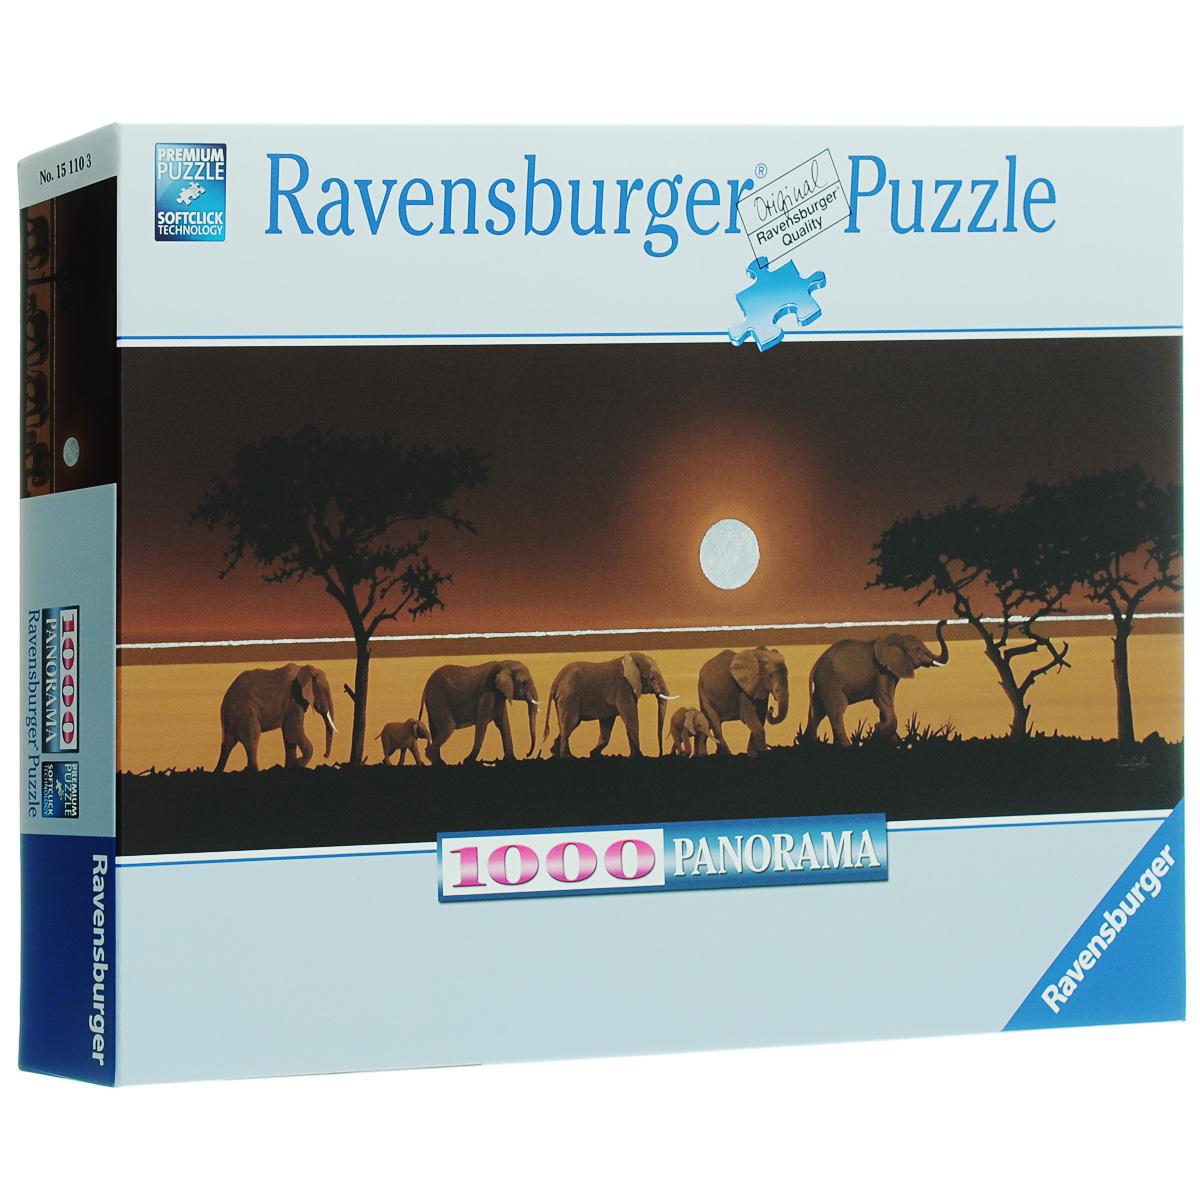 Ravensburger Семь слонов. Пазл-панорама, 1000 элементов15110Пазл Ravensburger Семь слонов привлечет внимание вашего малыша и познакомит его с окружающим миром. Собрав этот пазл, включающий в себя 1000 элементов, вы получите красочную панорамную картину с изображением африканских слонов. Каждая деталь имеет свою форму и подходит только на свое место. Нет двух одинаковых деталей! Пазл изготовлен из картона высочайшего качества. Softclick технология гарантирует 100% соединение деталей. Все изображения аккуратно отсканированы и напечатаны на ламинированной бумаге. Пазл - великолепная игра для семейного досуга. Сегодня собирание пазлов стало особенно популярным, главным образом, благодаря своей многообразной тематике, способной удовлетворить самый взыскательный вкус. А для детей это не только интересно, но и полезно. Собирание пазла развивает мелкую моторику у ребенка, тренирует наблюдательность, логическое мышление, знакомит с окружающим миром, с цветом и разнообразными формами.